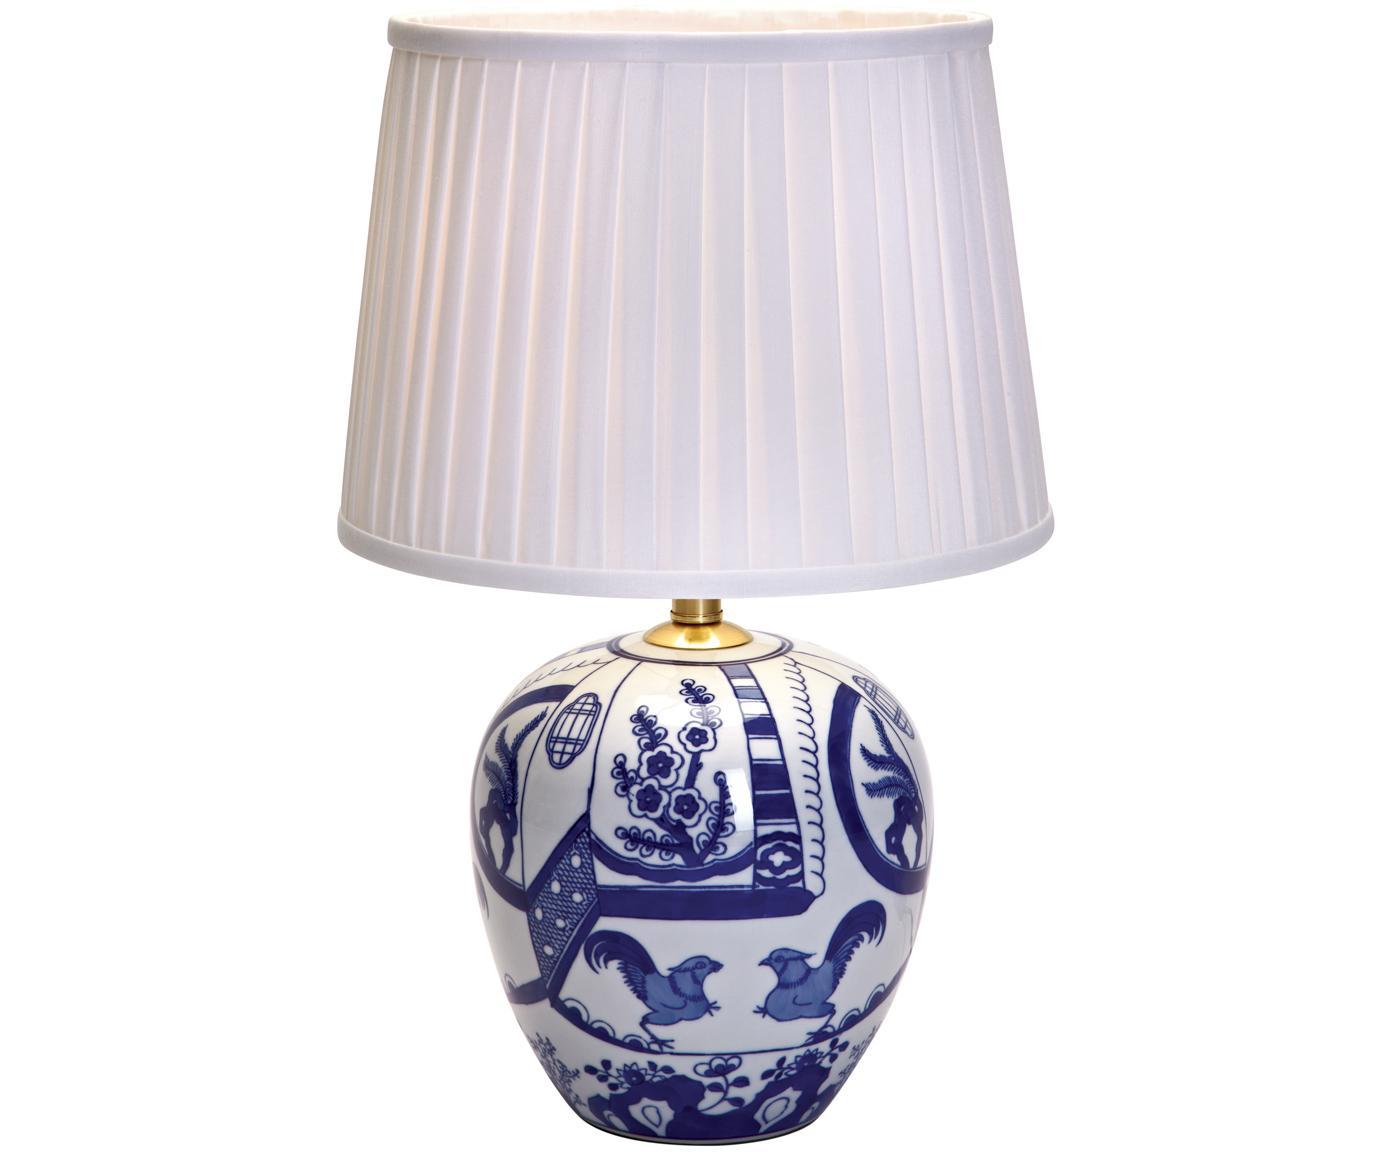 Tafellamp Göteborg, Lampvoet: keramiek, Lampenkap: polyester, Lampvoet: blauw, wit. Lampenkap: wit, Ø 31 x H 48 cm